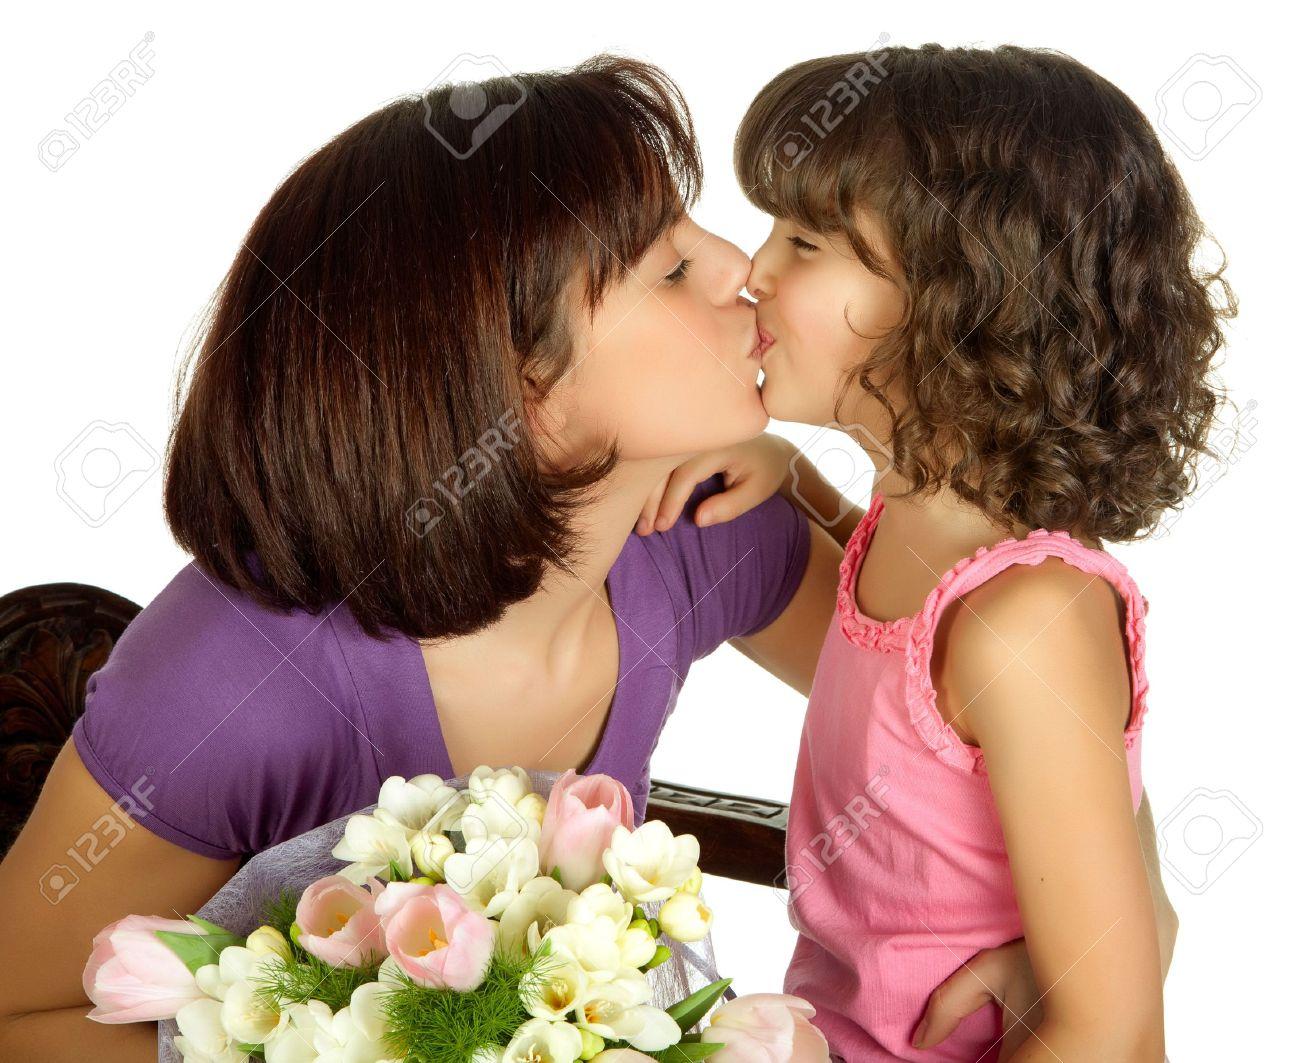 оральные мама и доч лезбианки отодрать соседку подъезду?